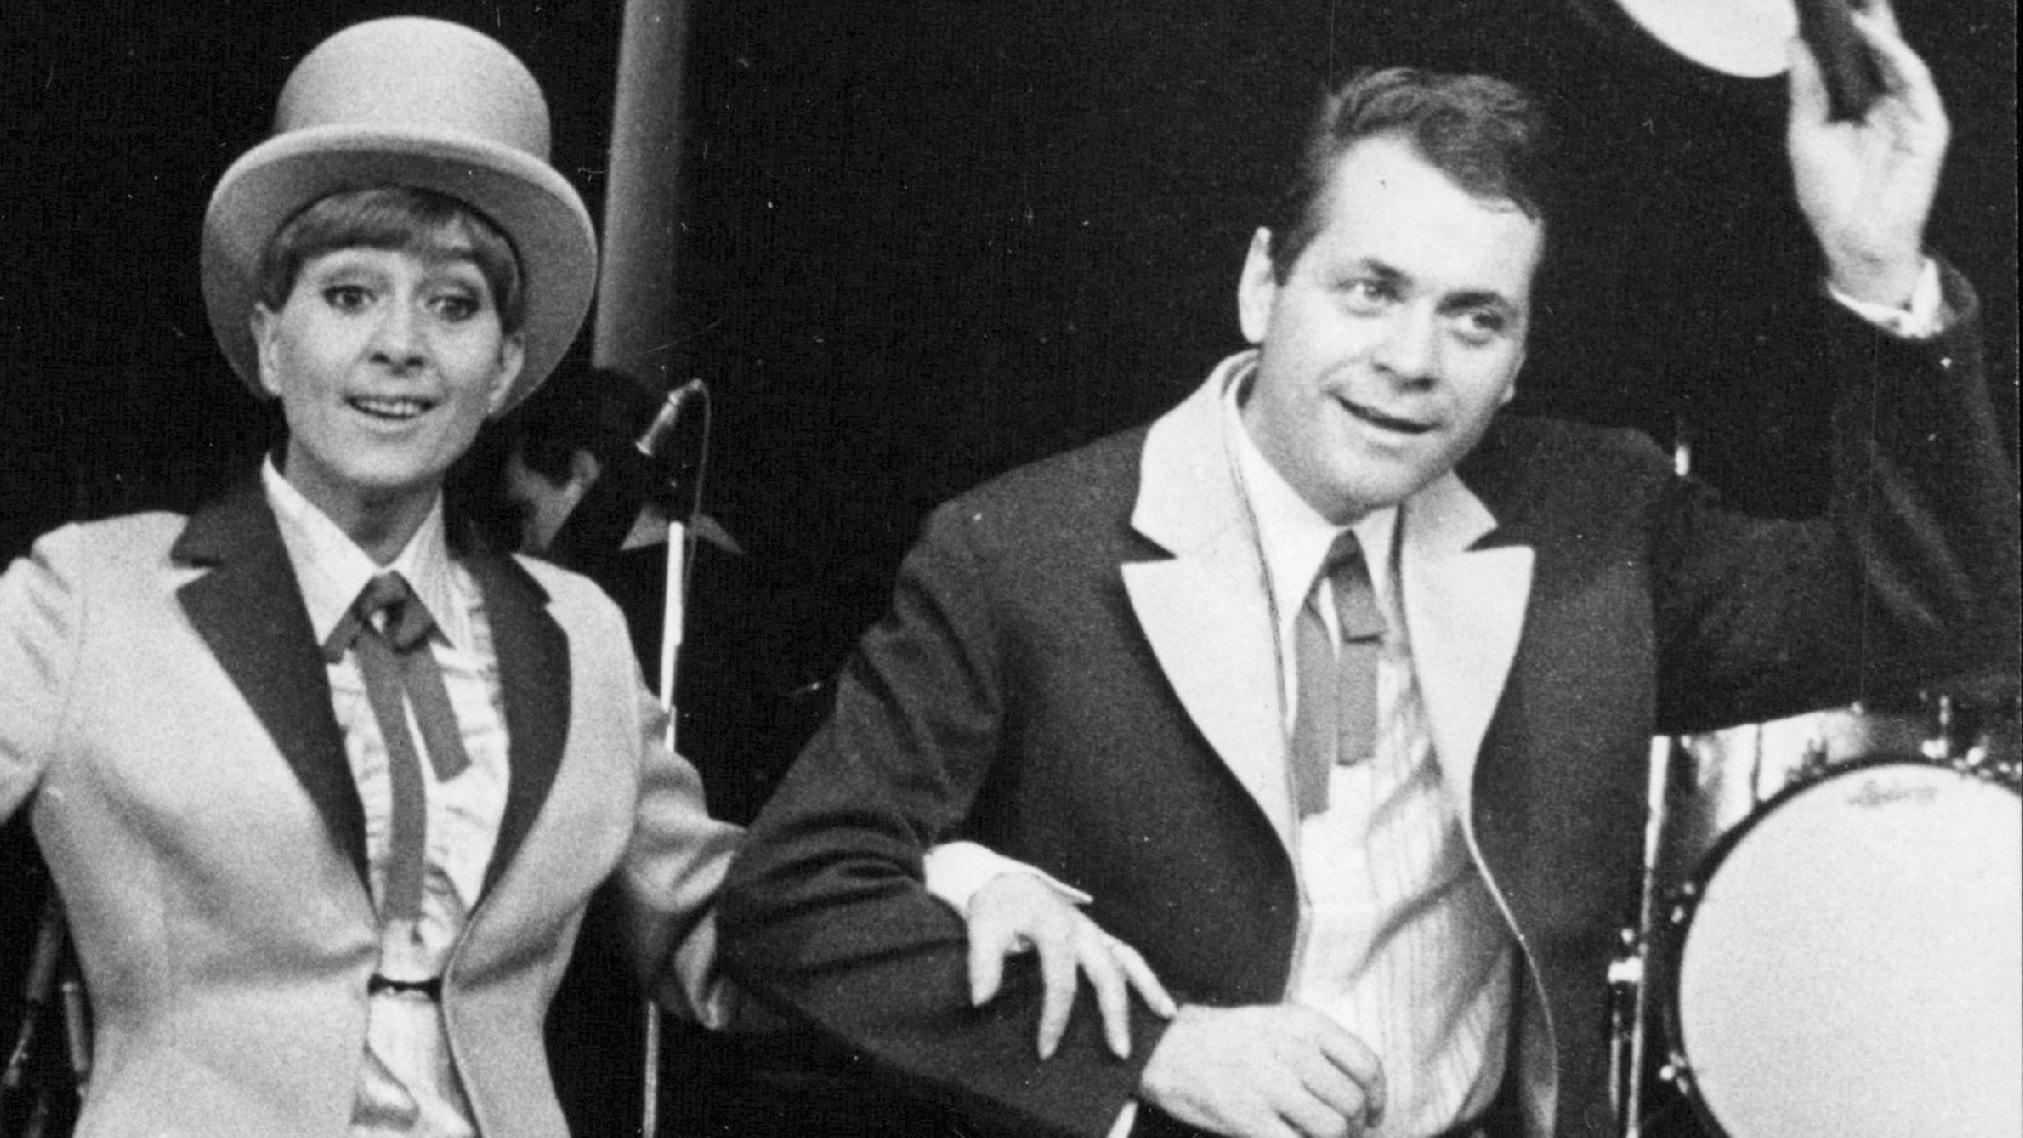 Siw Malmkvist och Lars Lönndahl enda nykomlingarna på Svensktoppen 27 november 1966